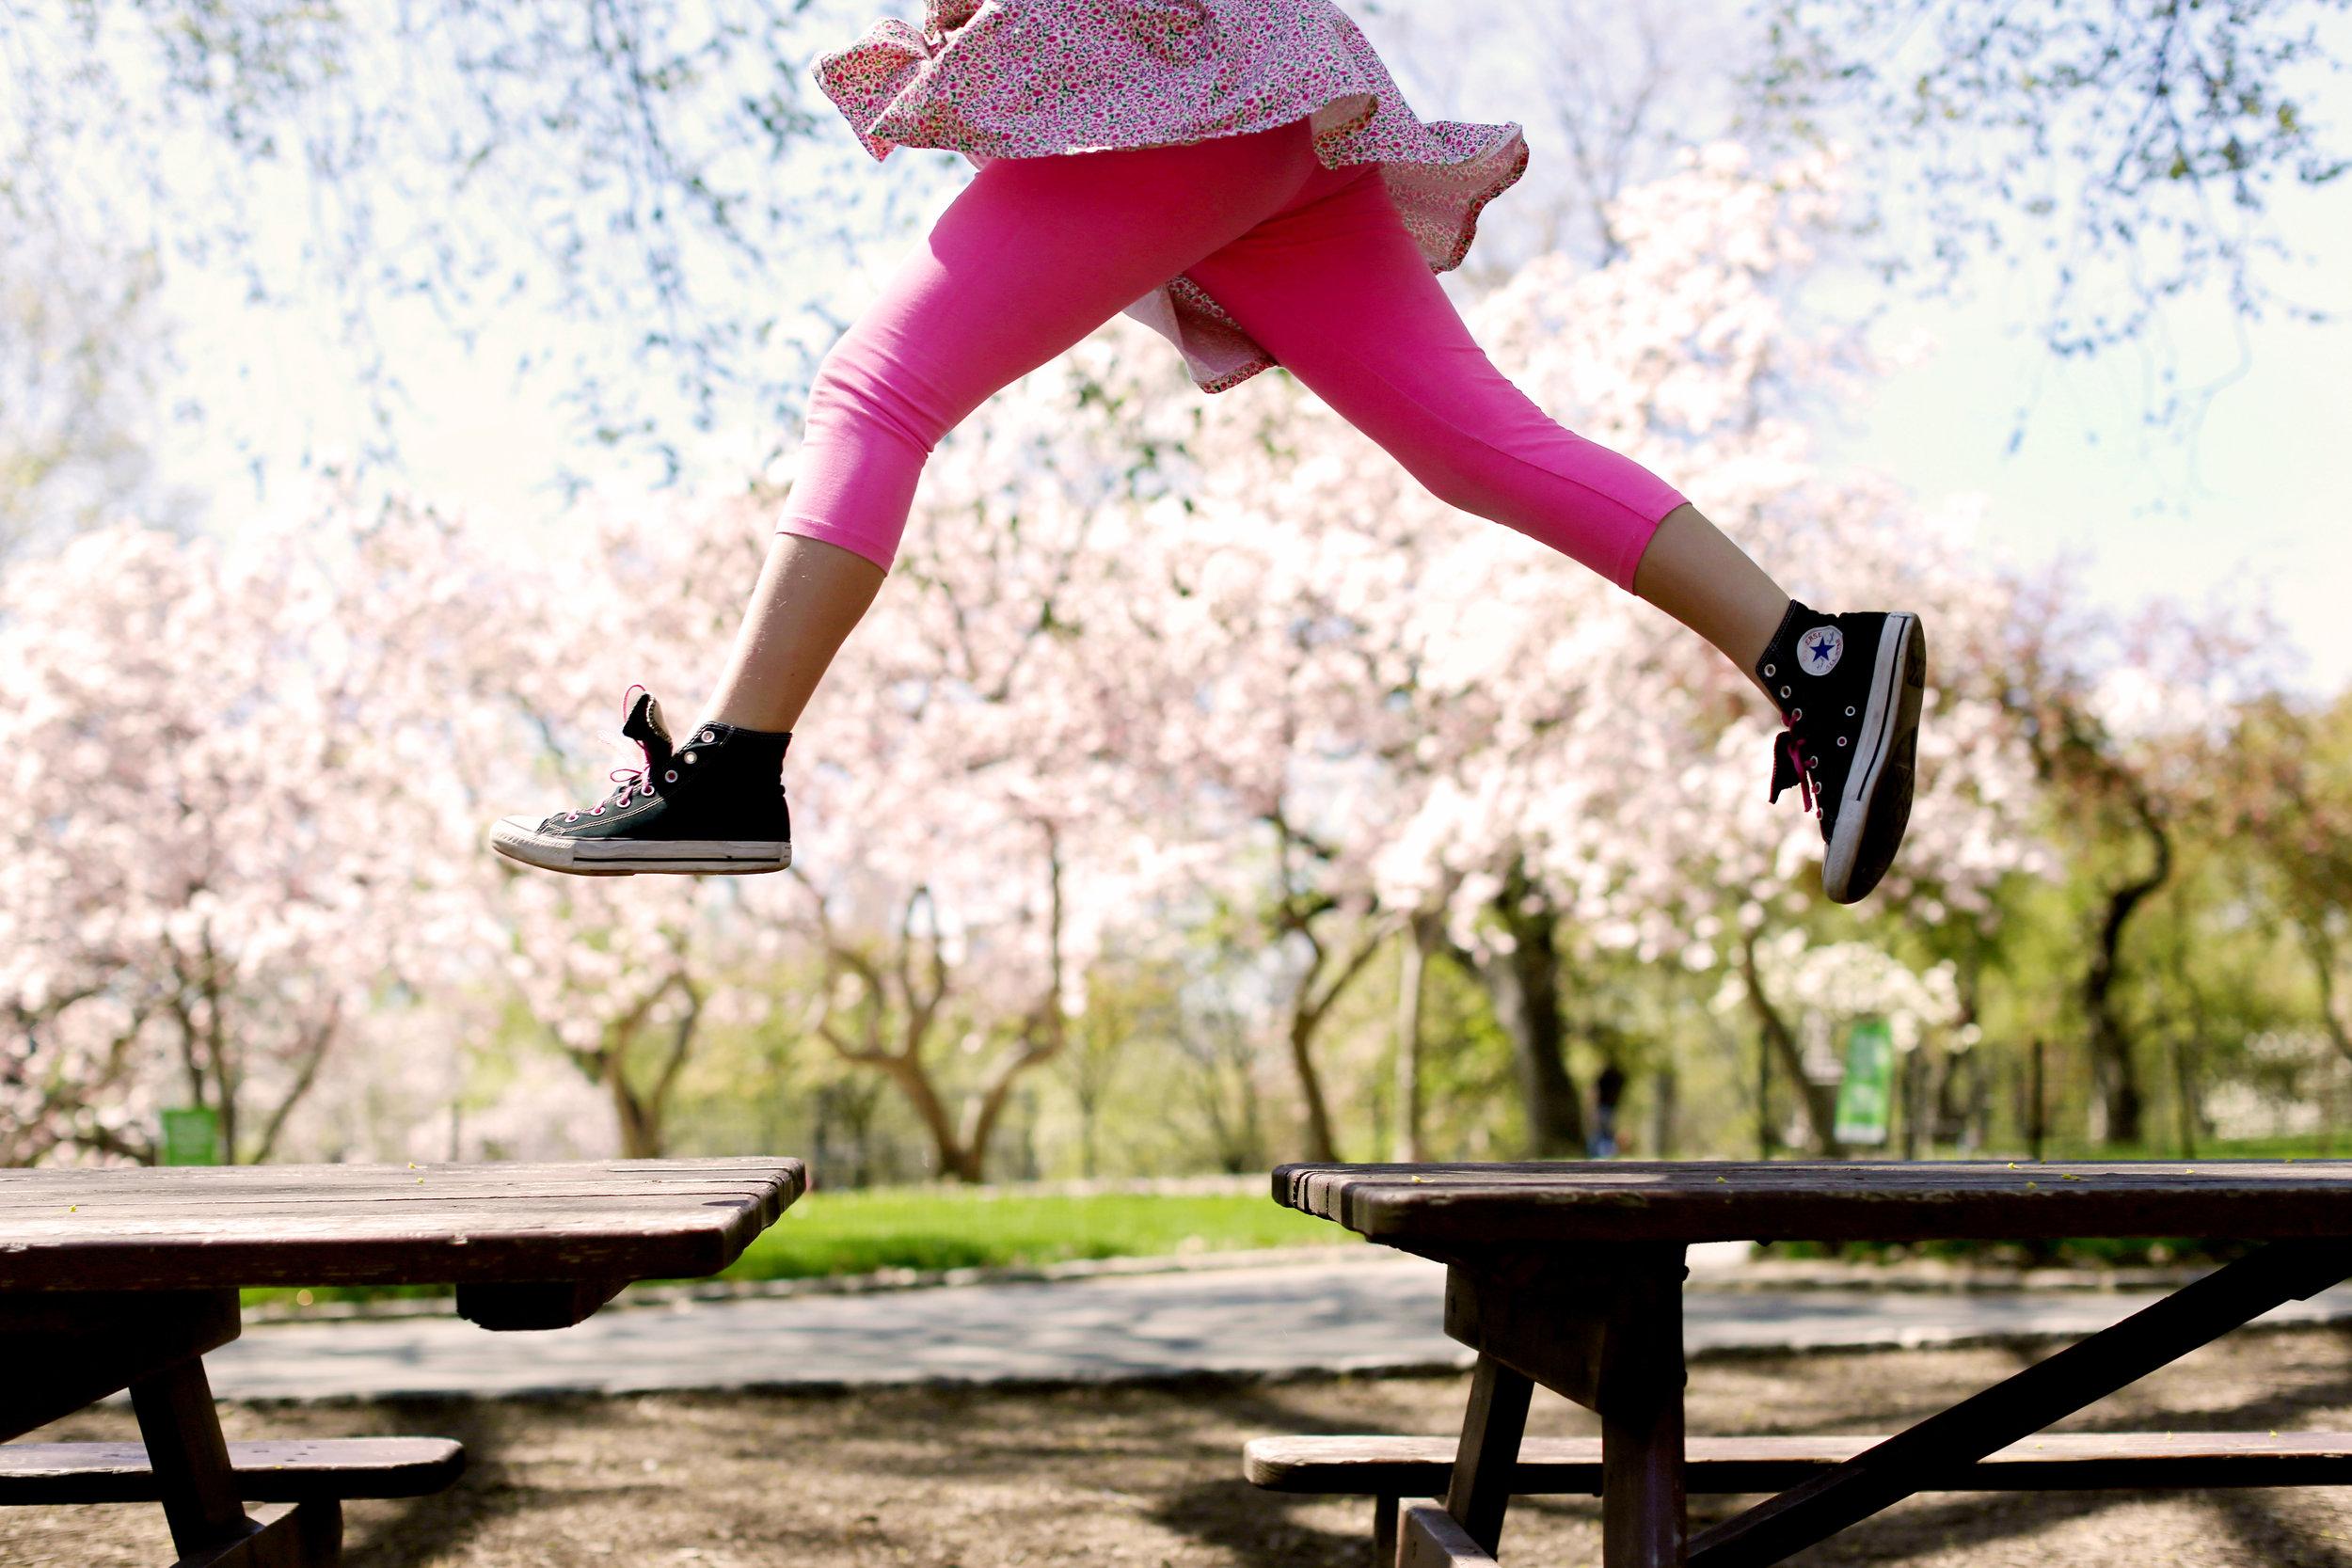 7W1A6045_ritathompson_spring jump.jpg